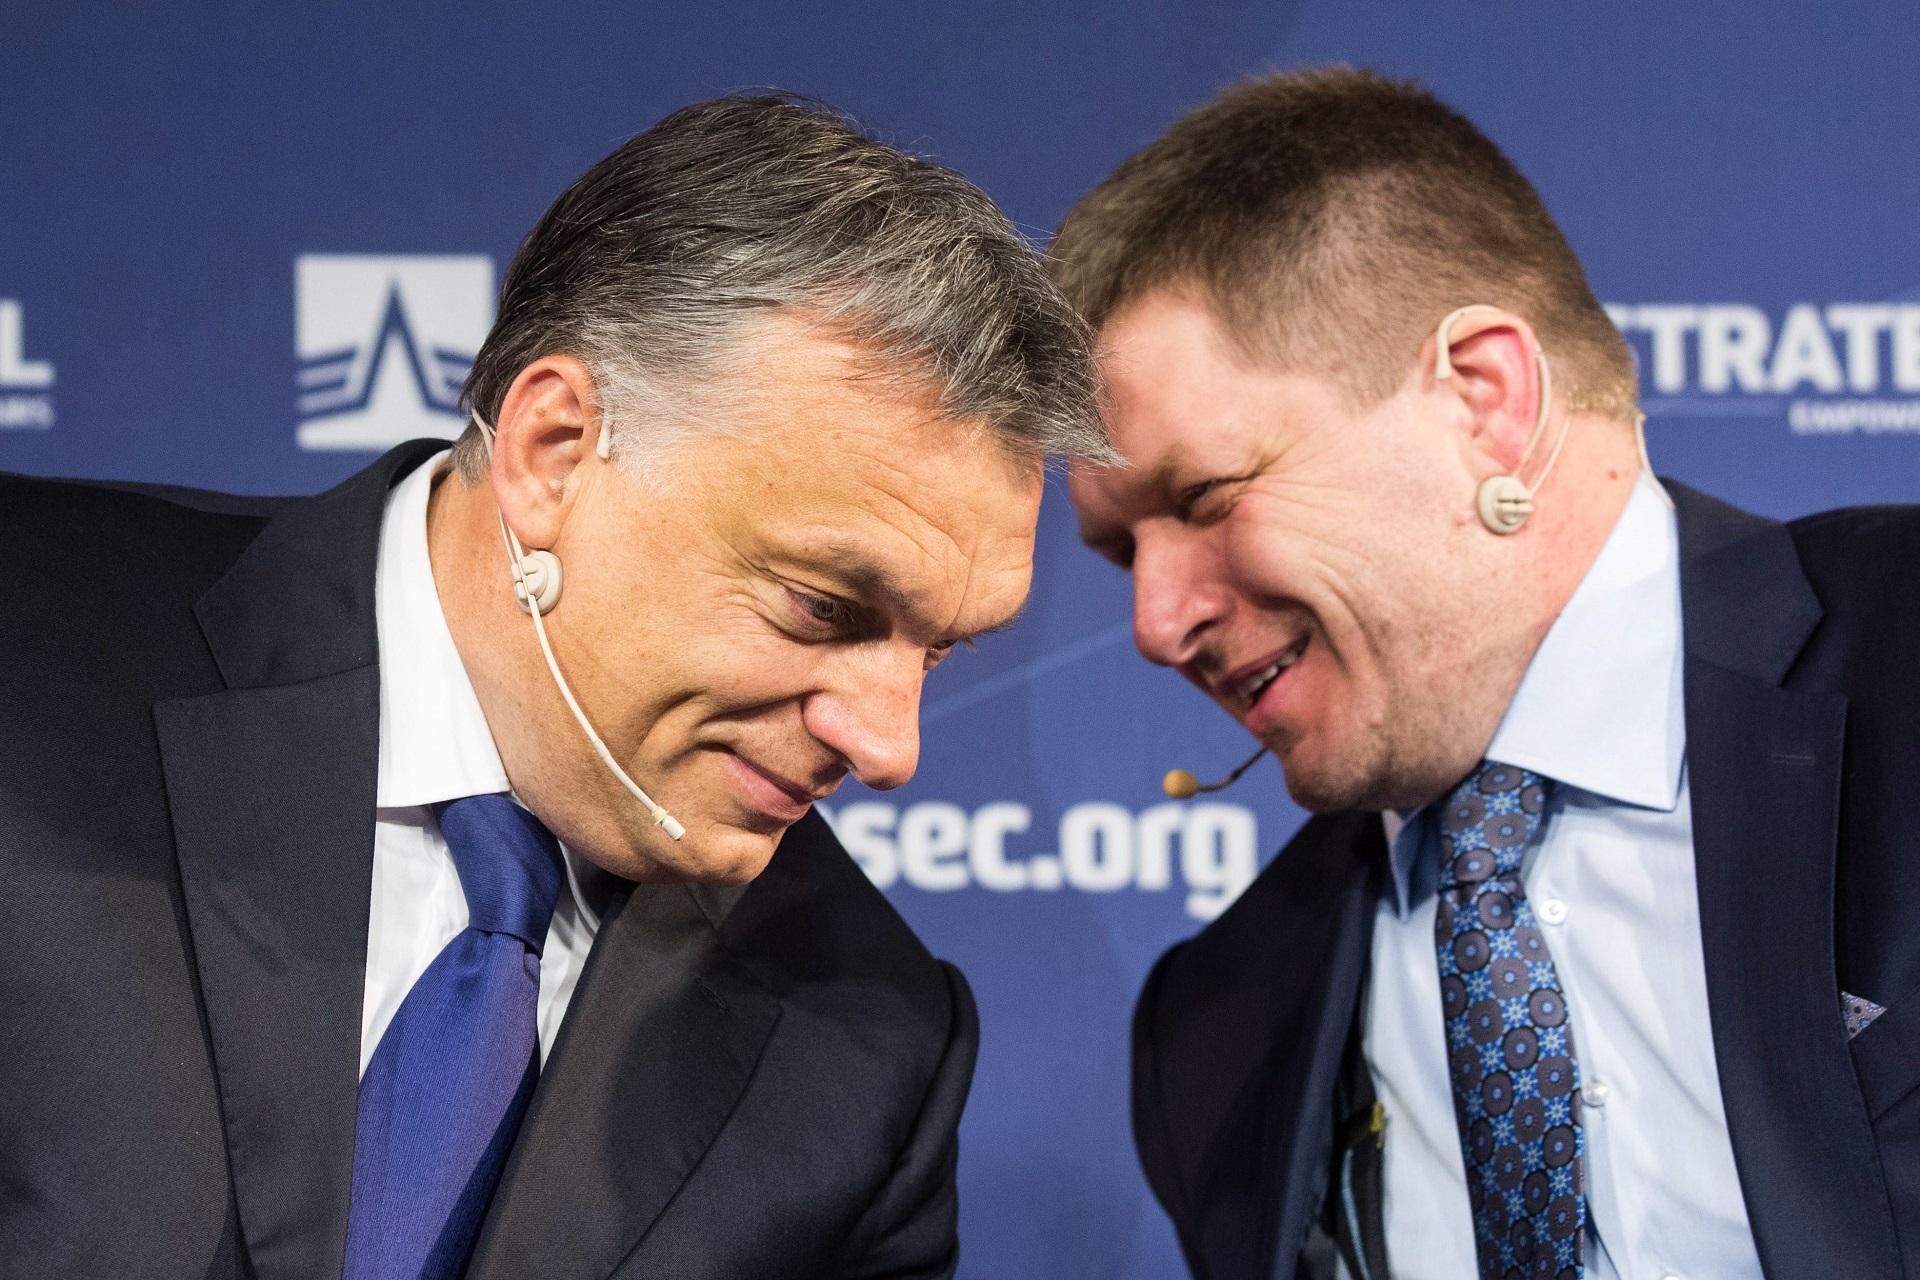 Míg a szlovákok ügyesen kikerülik a kvótát, a magyarok botrányt csinálnak